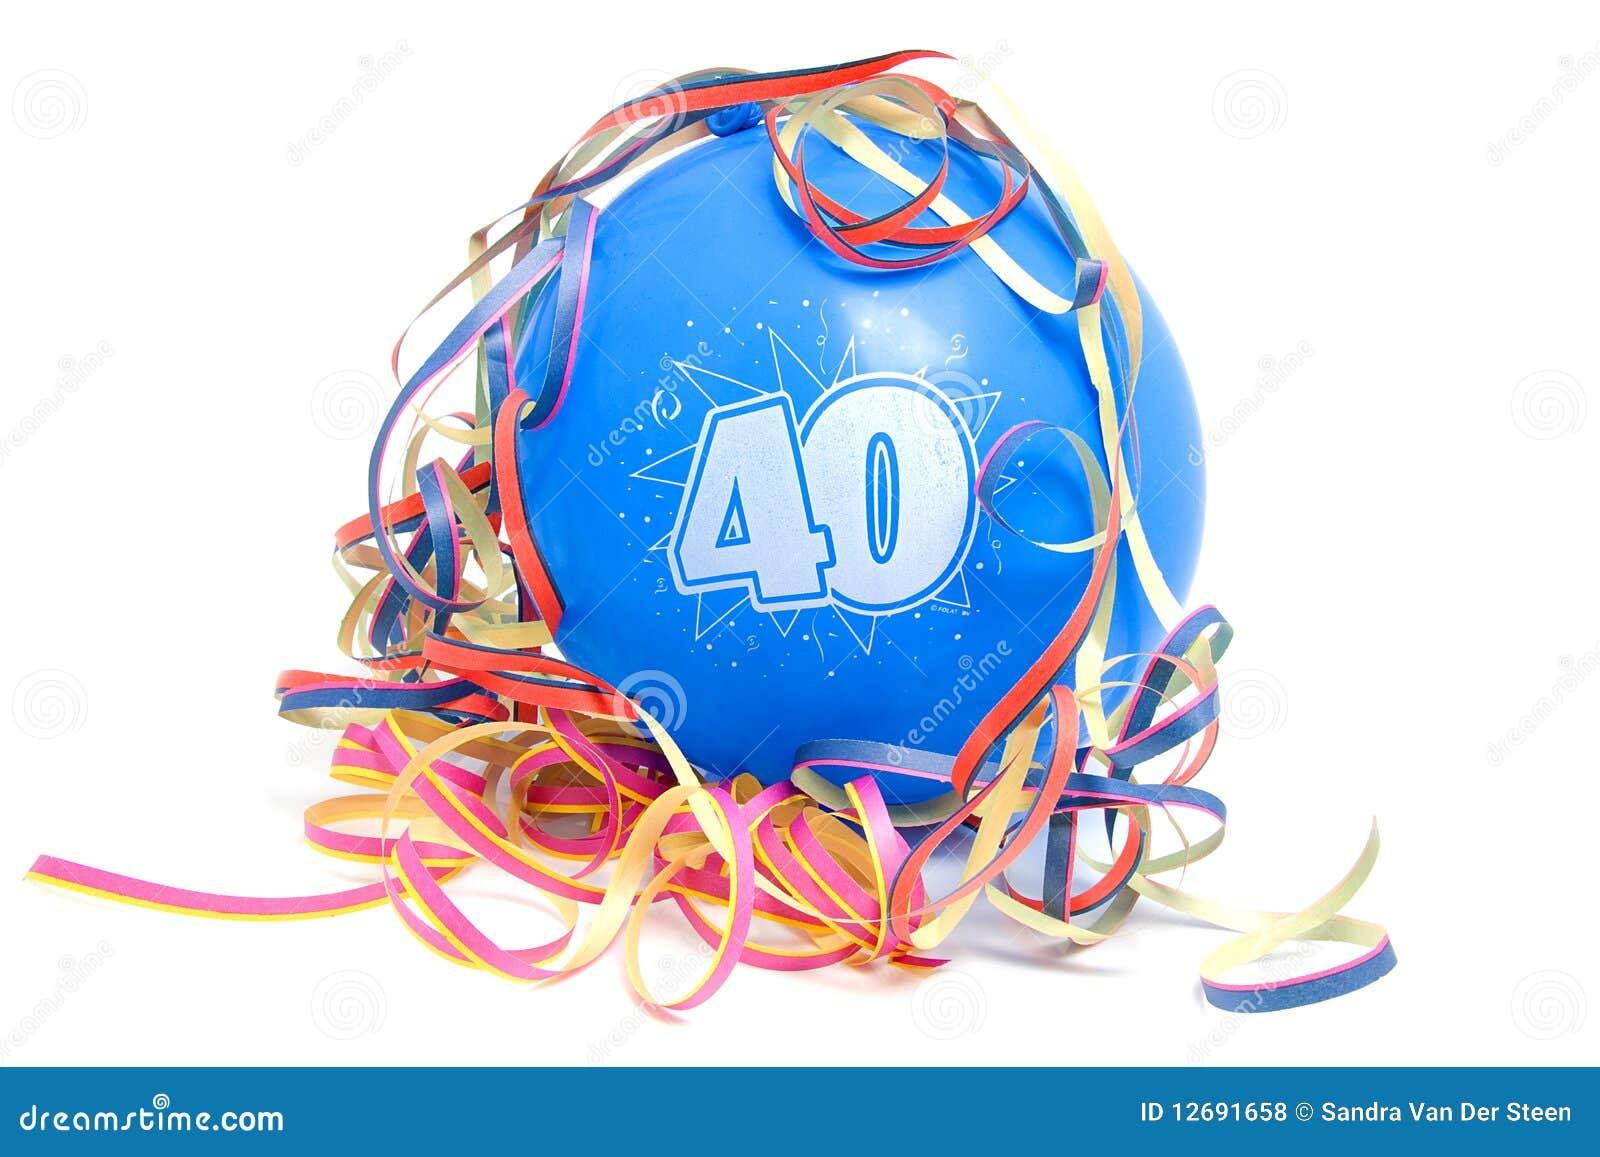 Поздравление с 40 летием подруге прикольное